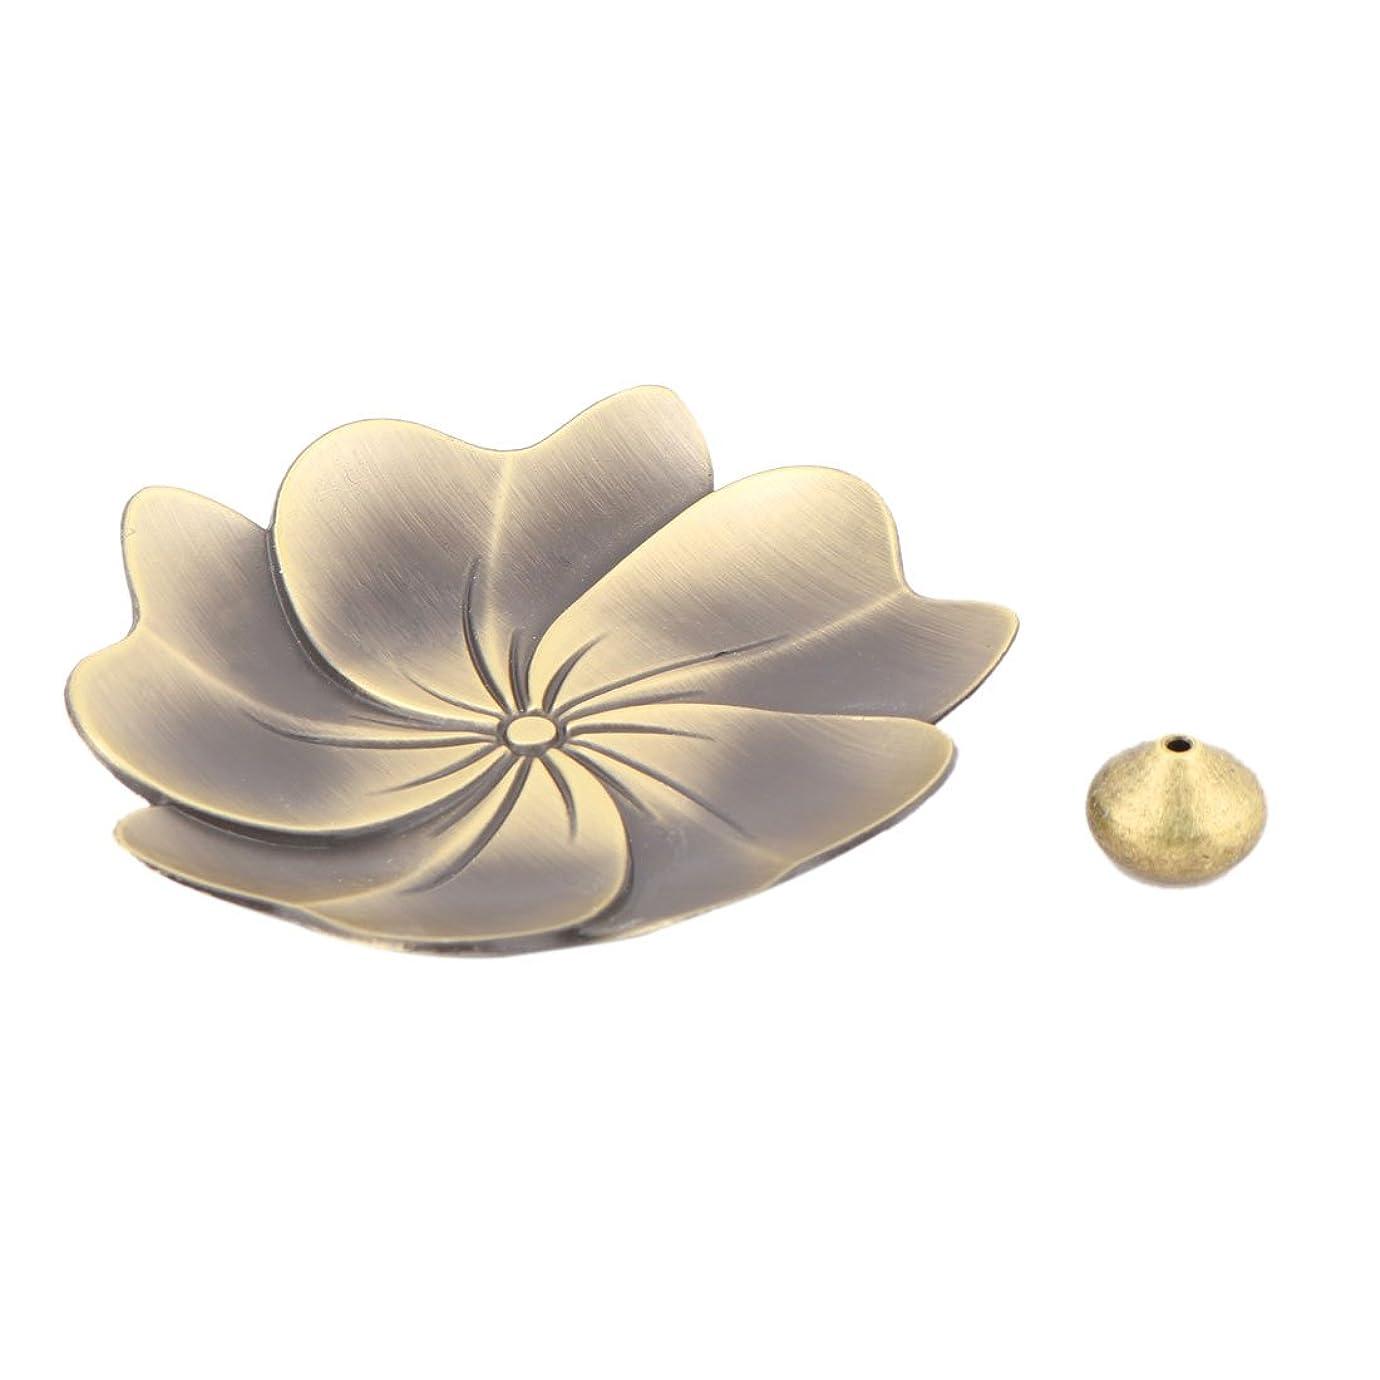 アヒル同封する素人uxcell 香炉ホルダー お香立て インセンスホルダー 蓮 ロータス 花型 セット 金属製 家庭用 直径9cm